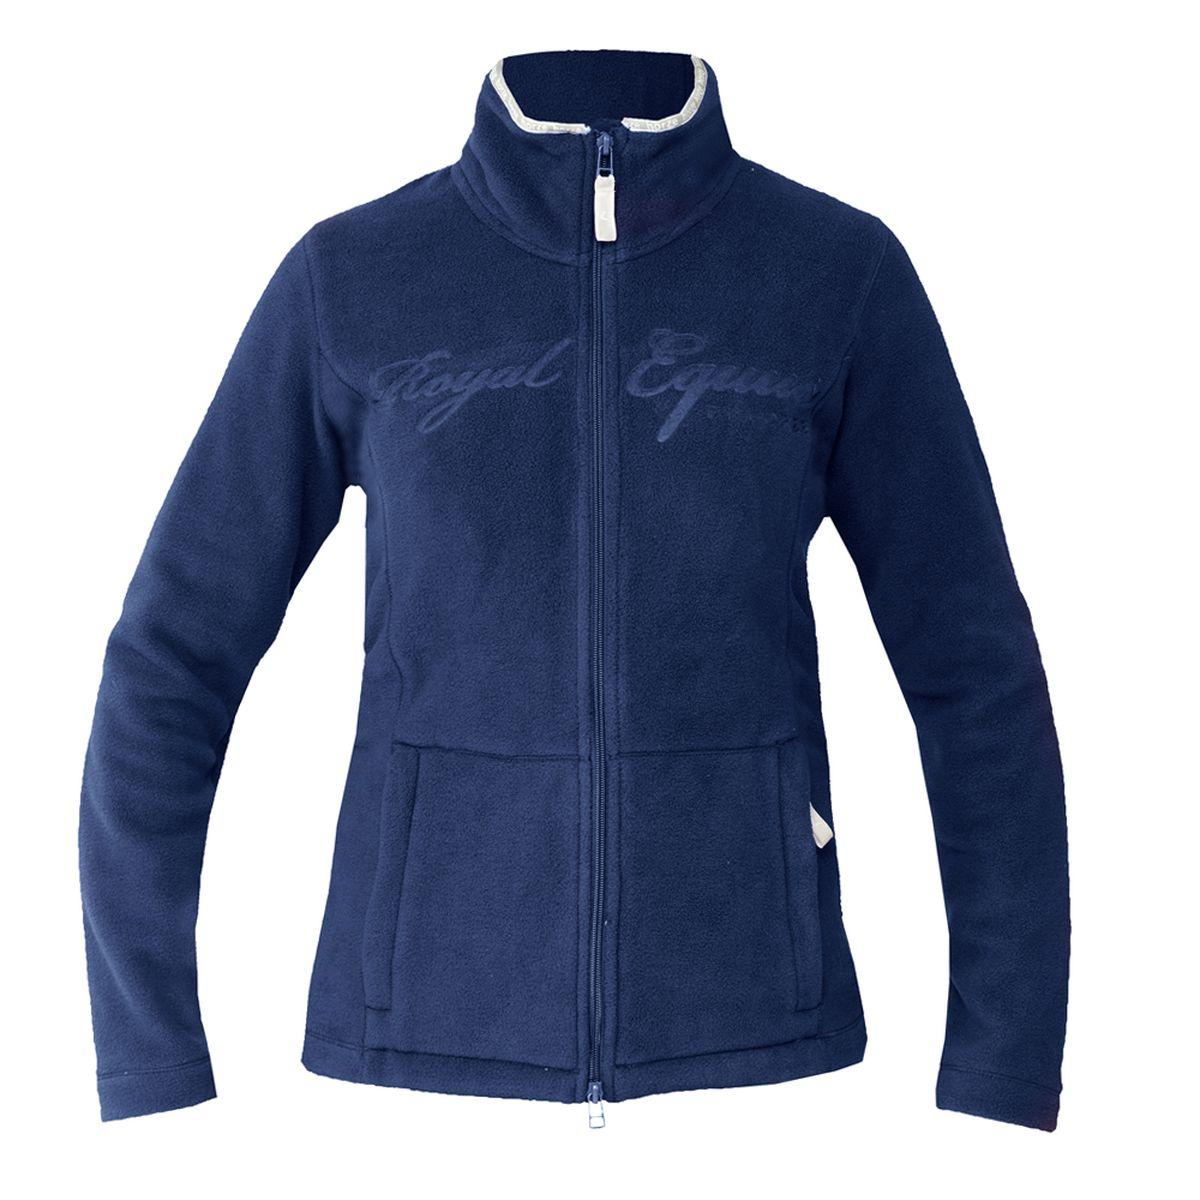 HorZe Sara Fleece Jacket with Heat Print - Junior